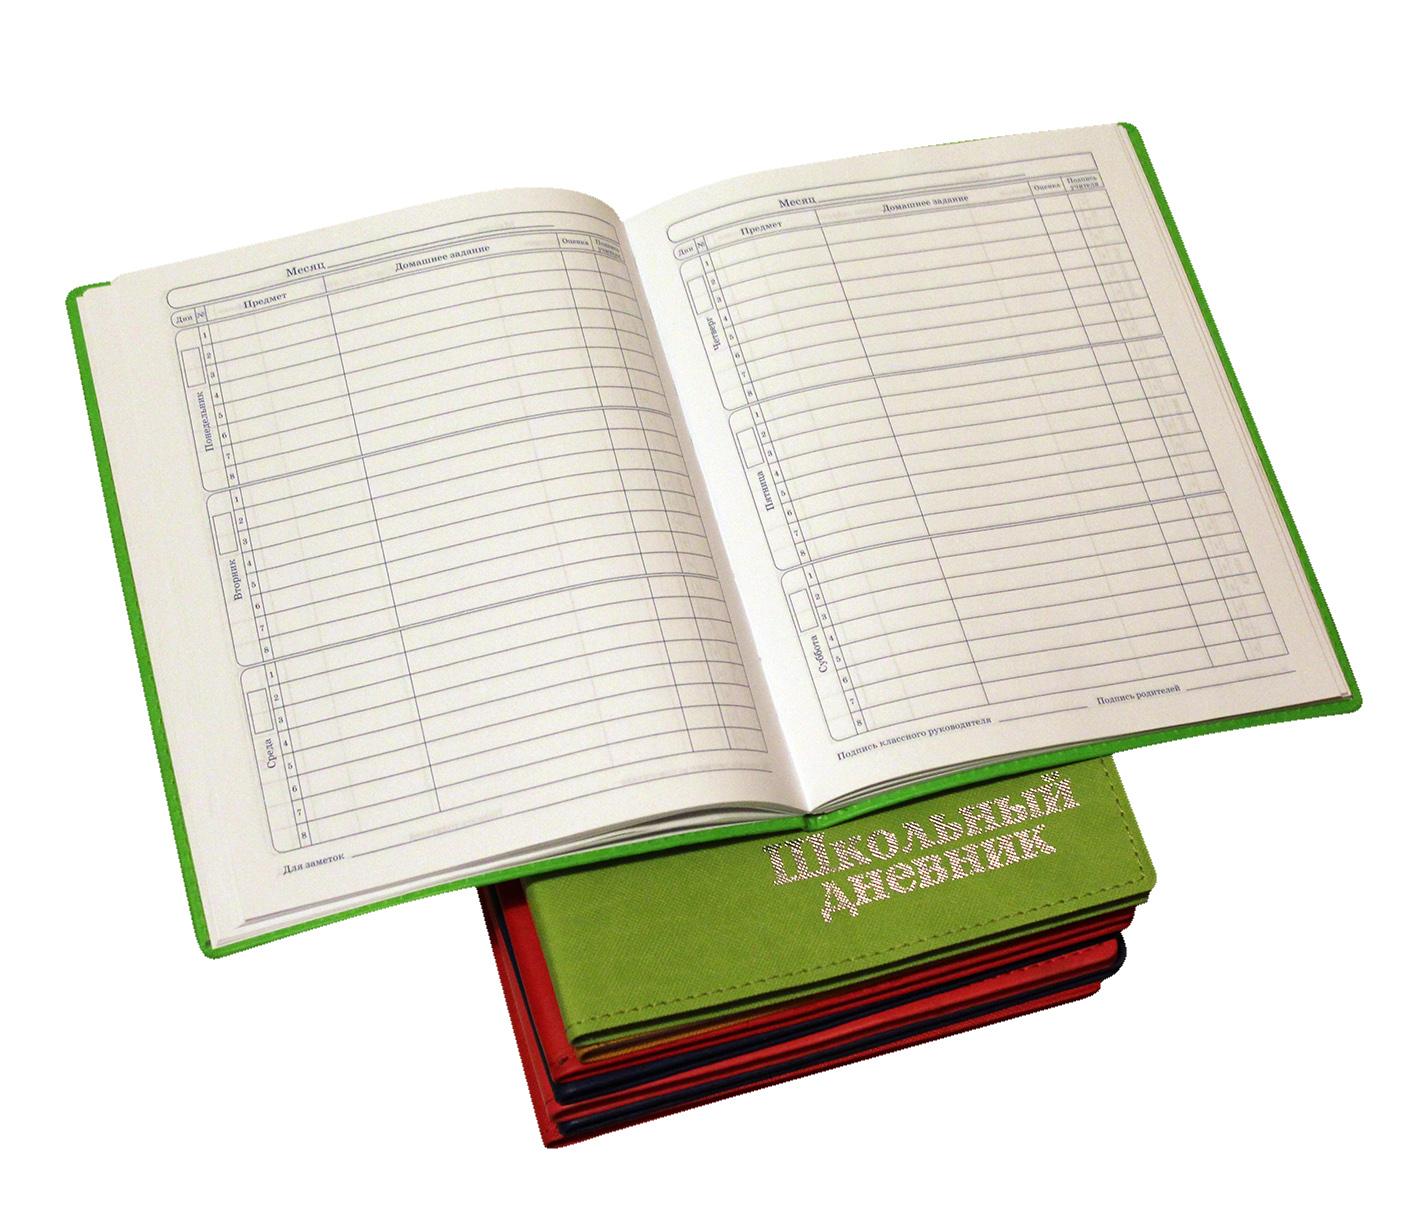 ранее пробовал дневник с ссылками на картинки что коррекция формы